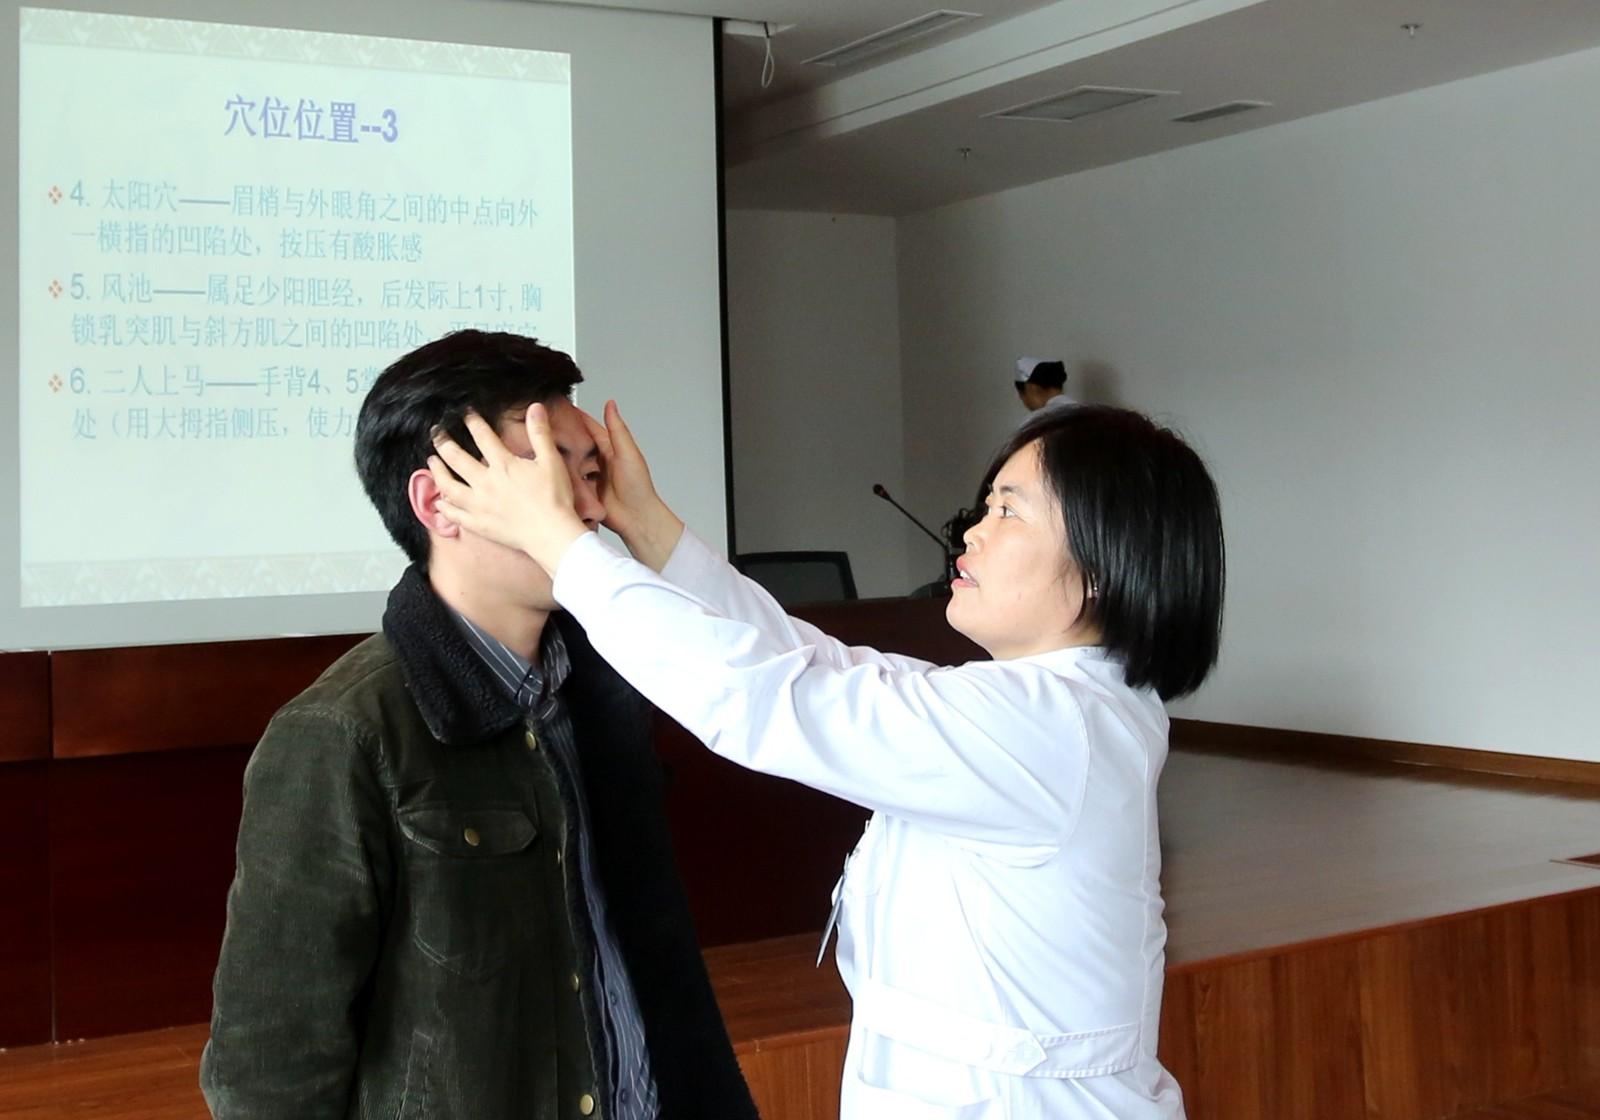 近视眼防治,中医护理技术学起来